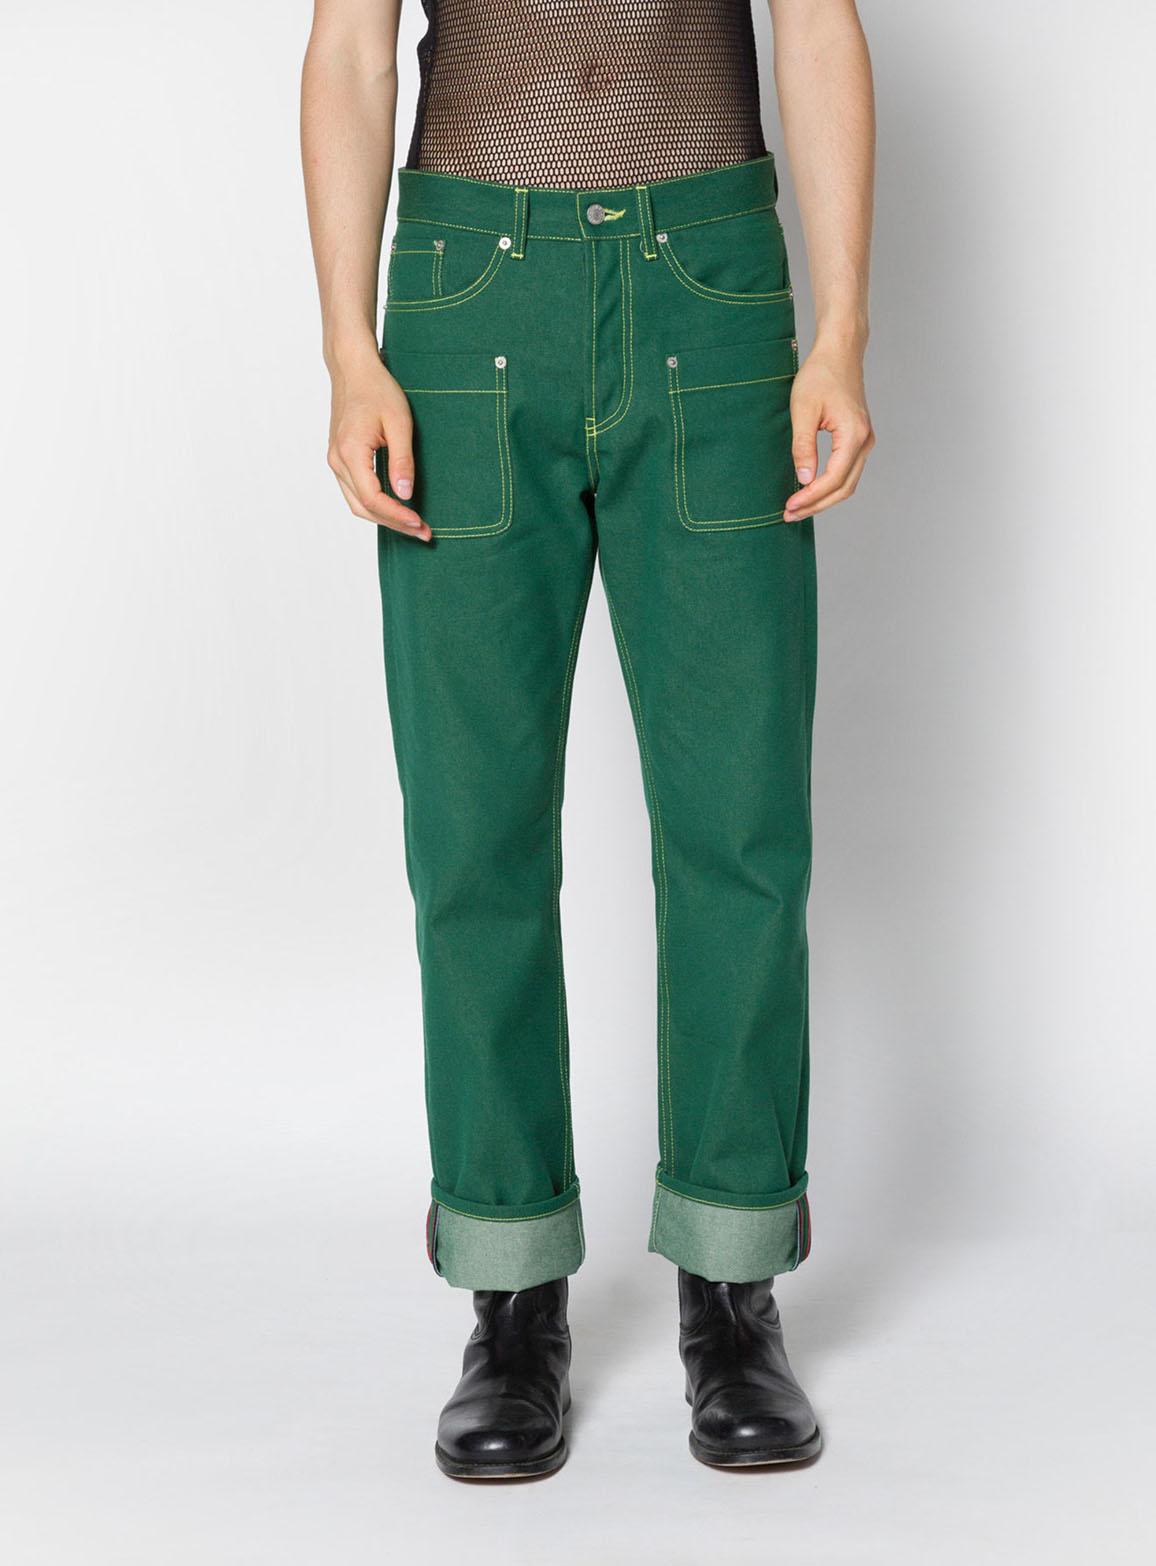 Panthero tris trousers